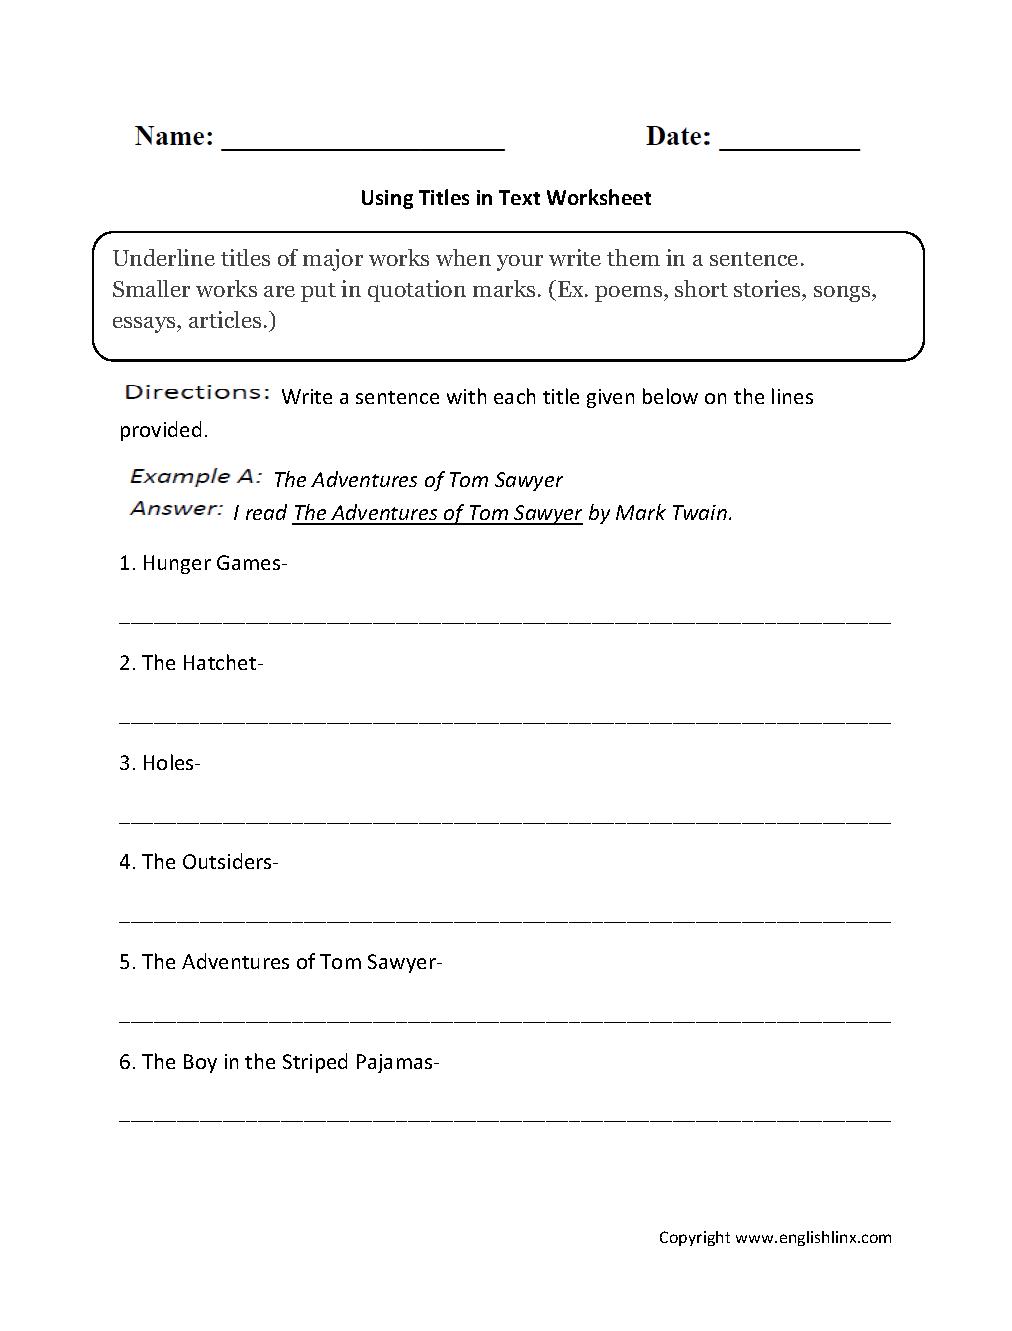 grammar mechanics worksheets italics and underlining worksheets. Black Bedroom Furniture Sets. Home Design Ideas